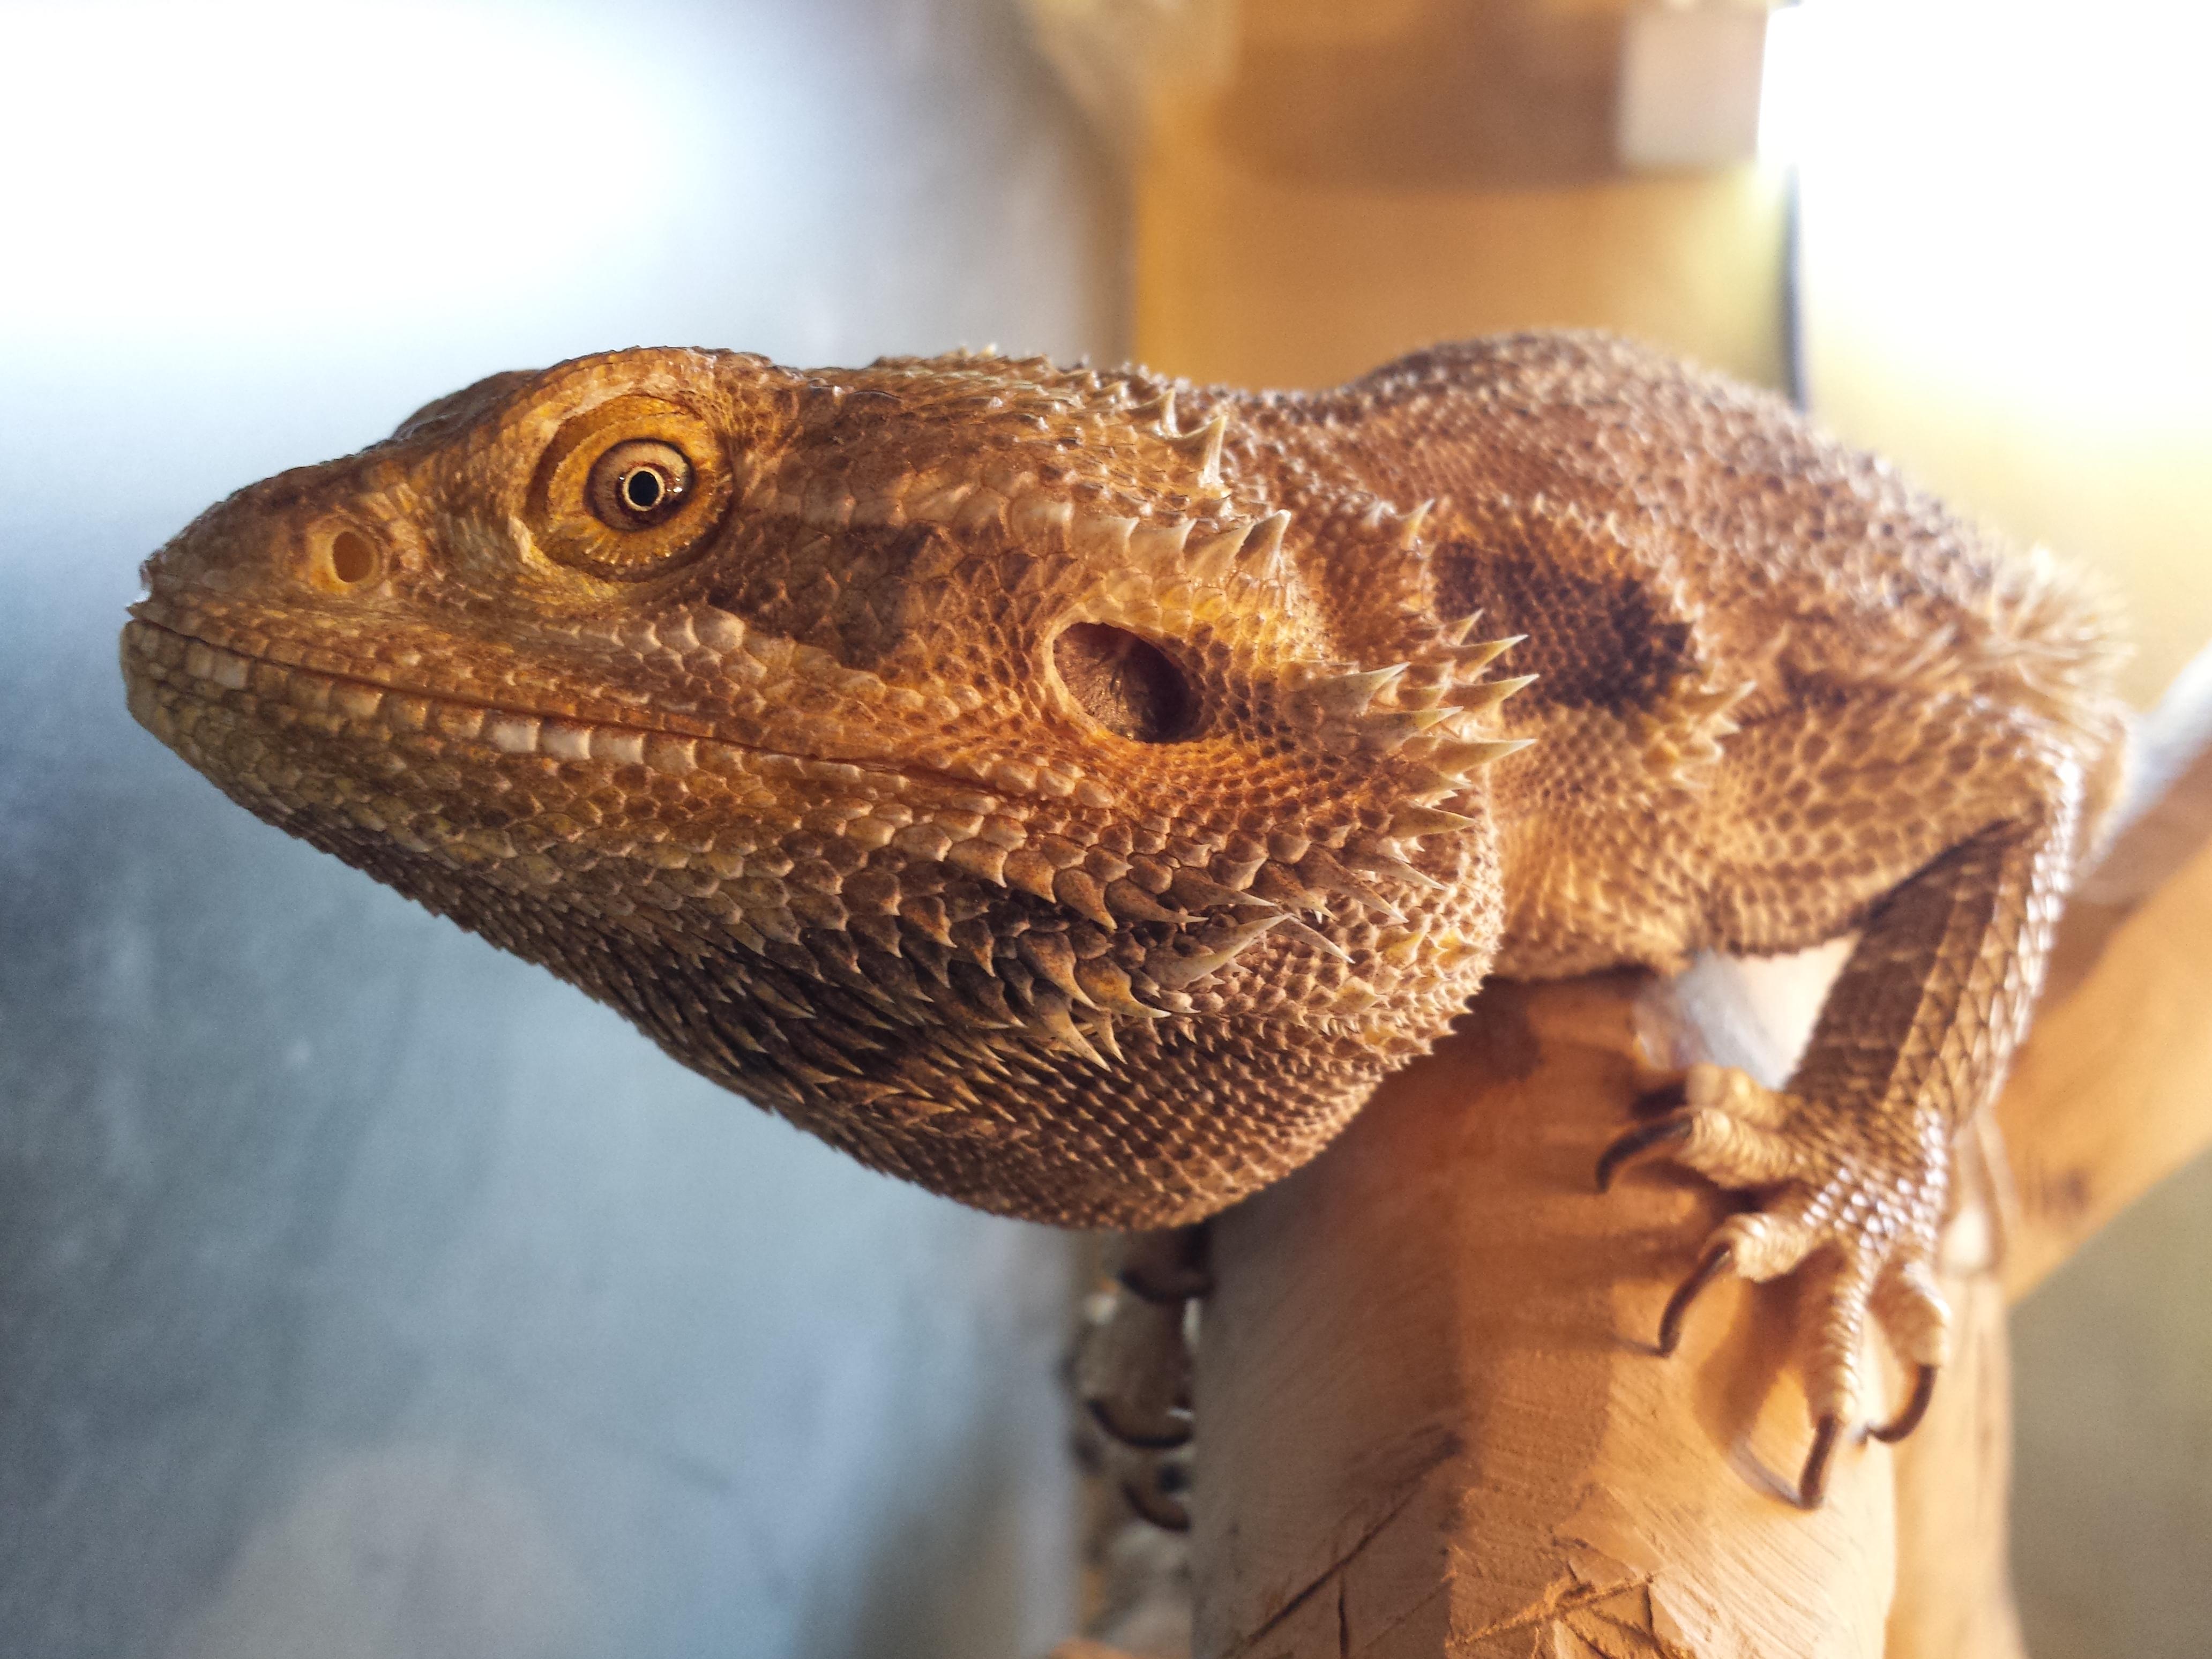 Lizard_watching